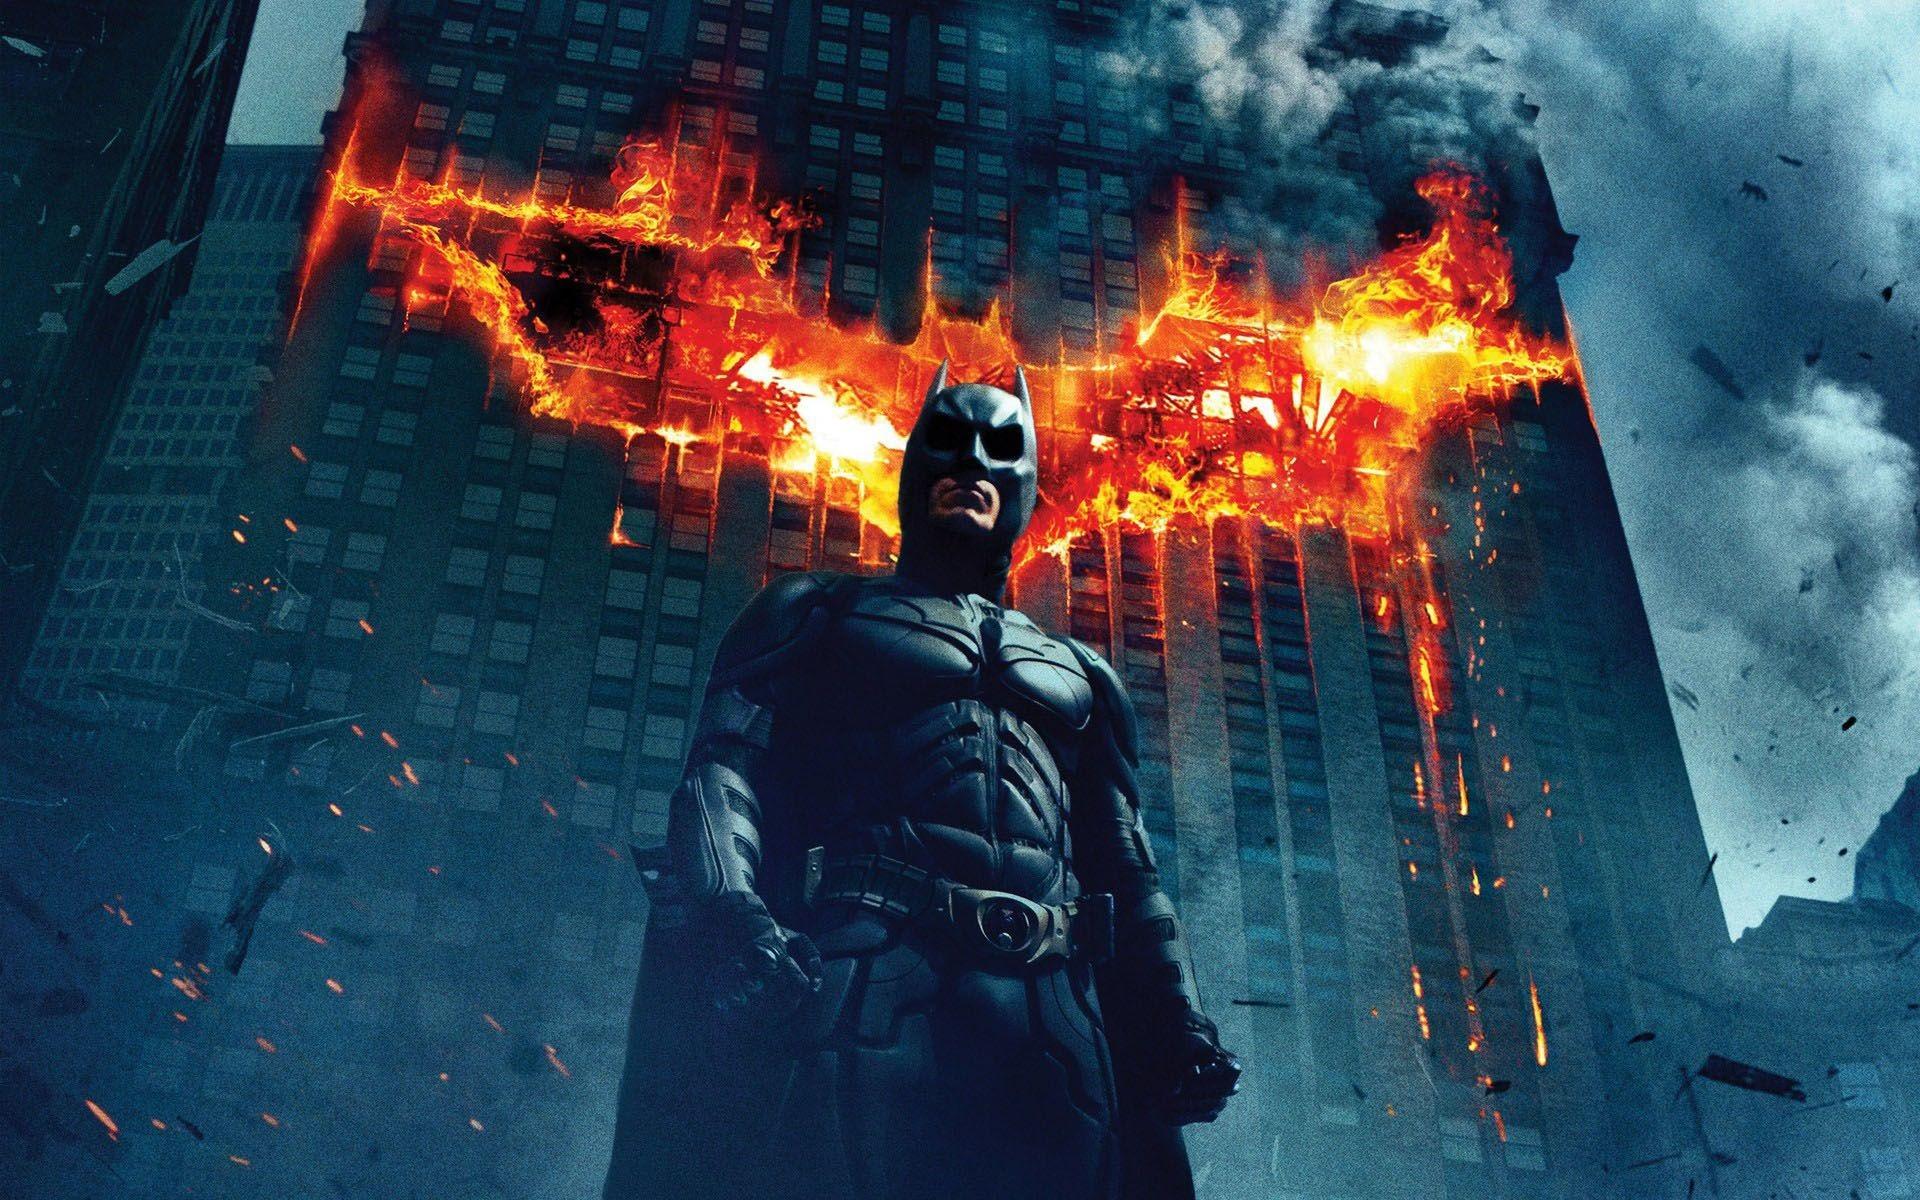 Batman Begins Wallpaper HD (77+ images)